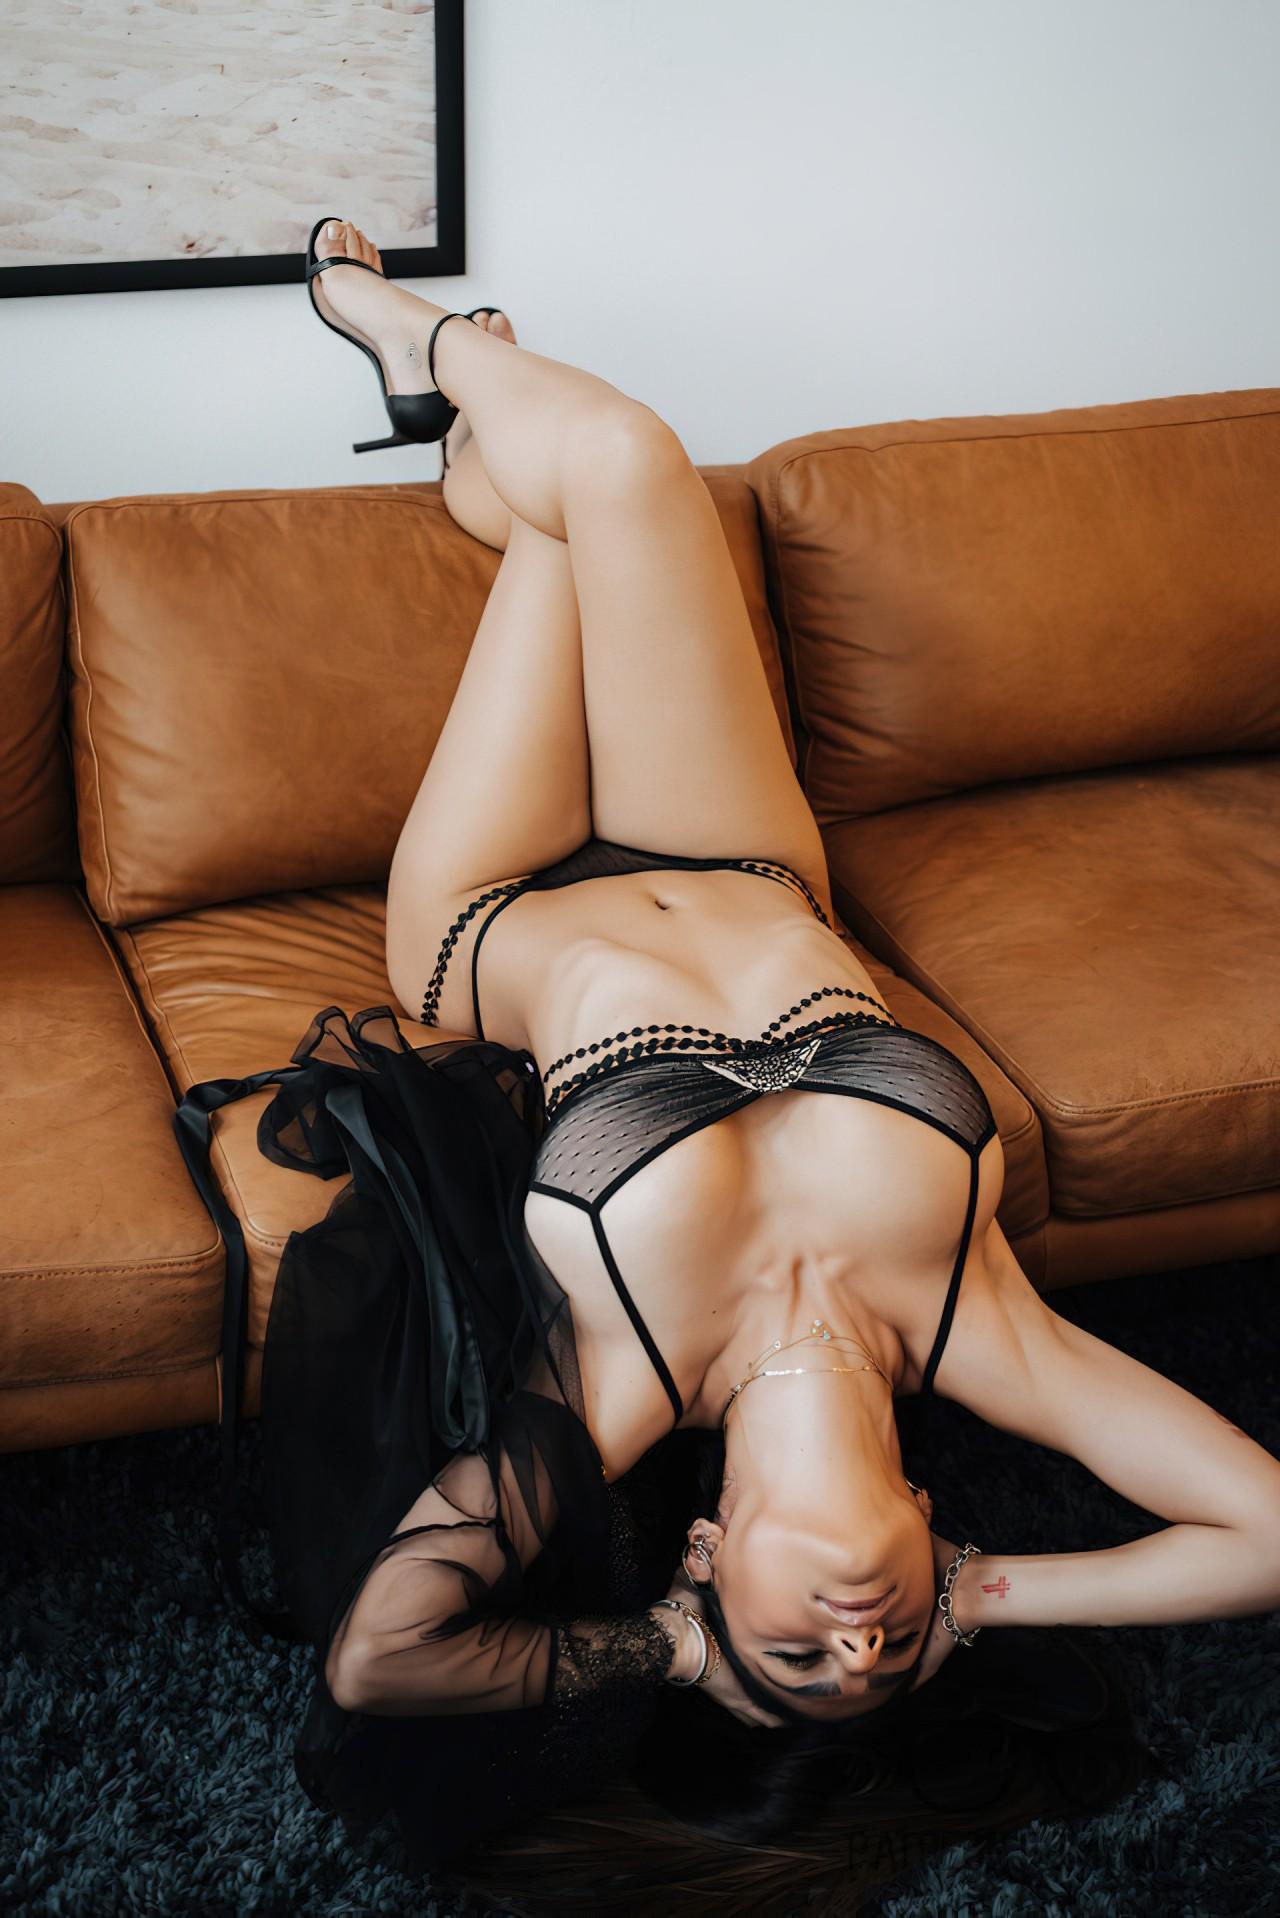 Fotos da Mia Khalifa (19)